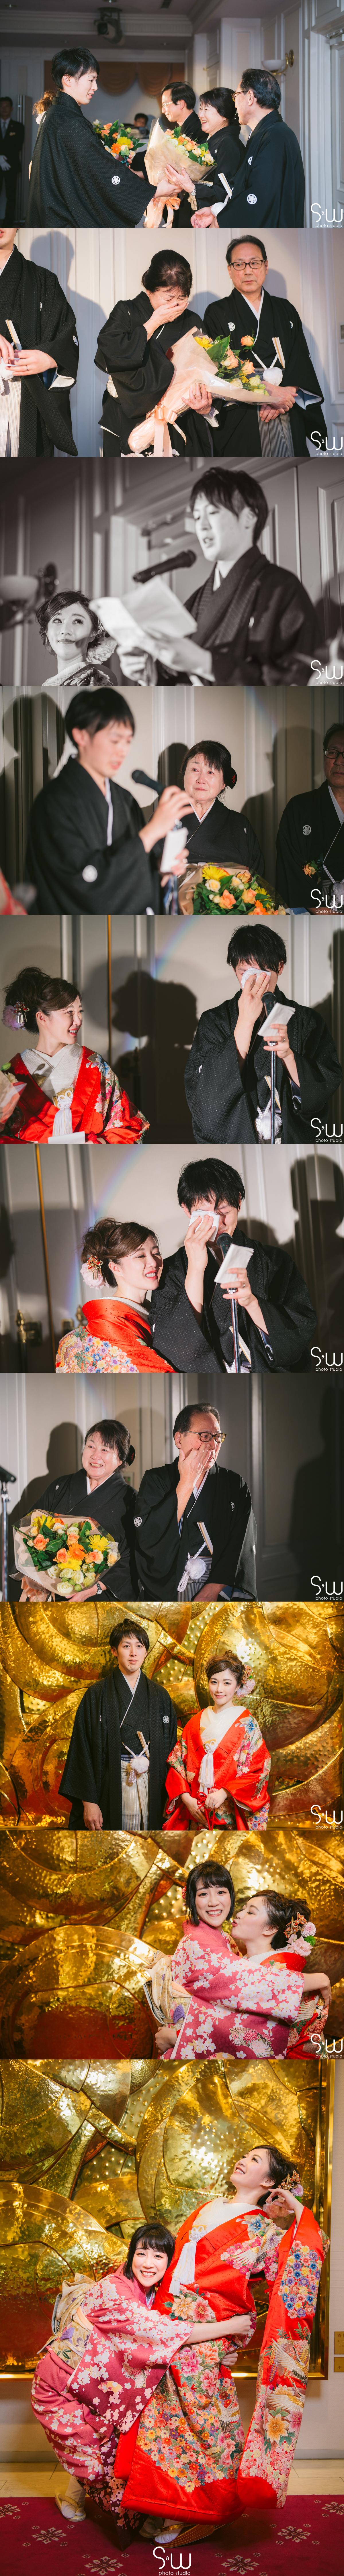 WEDDING | 大阪大妙寺 (日本神社婚禮) | sw photo studio 婚禮, 婚攝, 婚紗, 海外婚禮, 海外婚紗, 海島婚禮,峇里島婚禮, 峇里島婚紗, 台灣婚禮, 婚攝推薦